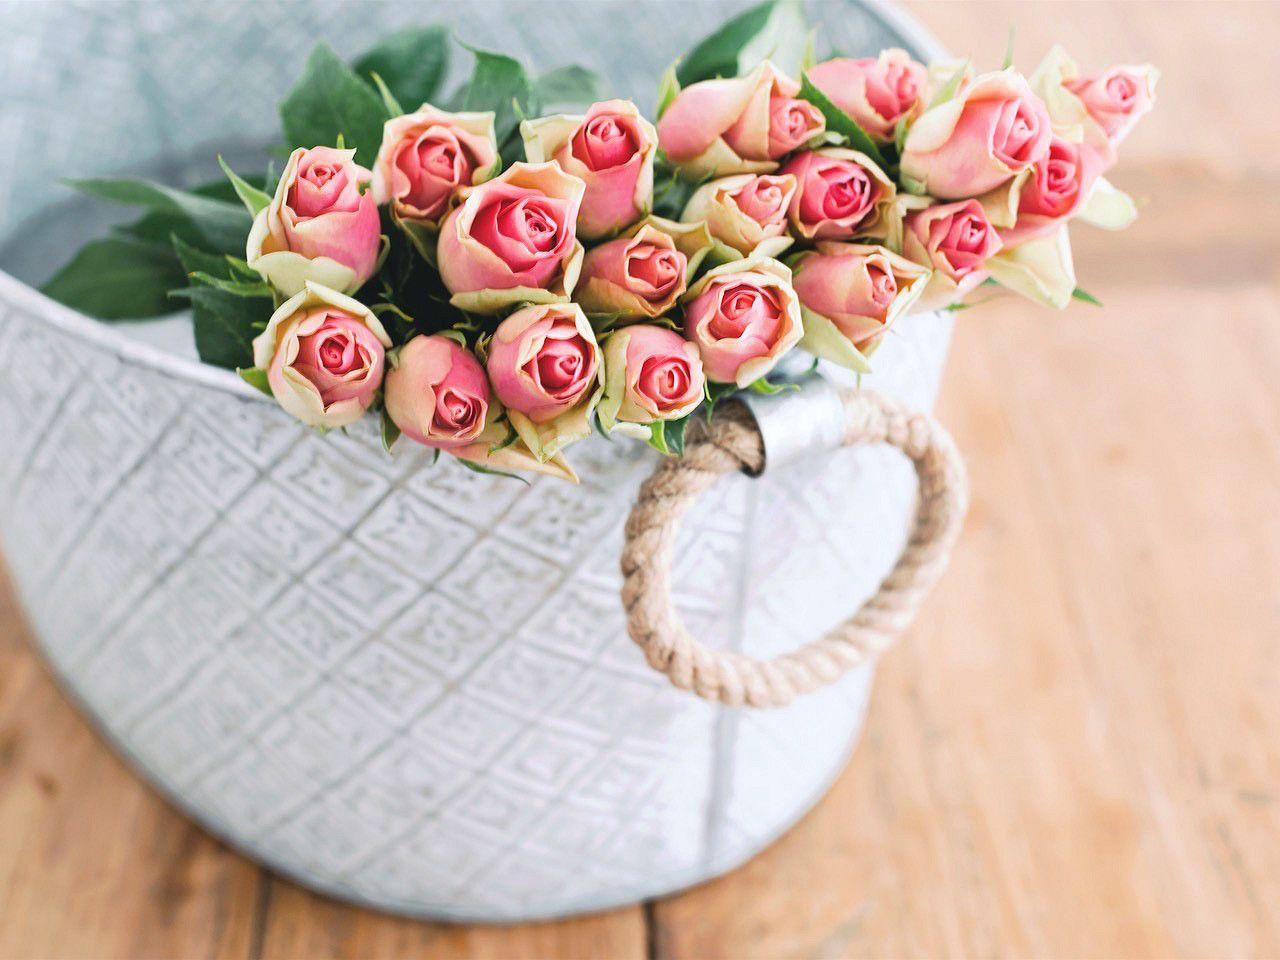 Czy Wiesz Co Znacza Kwiaty Ktore Od Niego Dostalas Magazyn Ceneo Pl